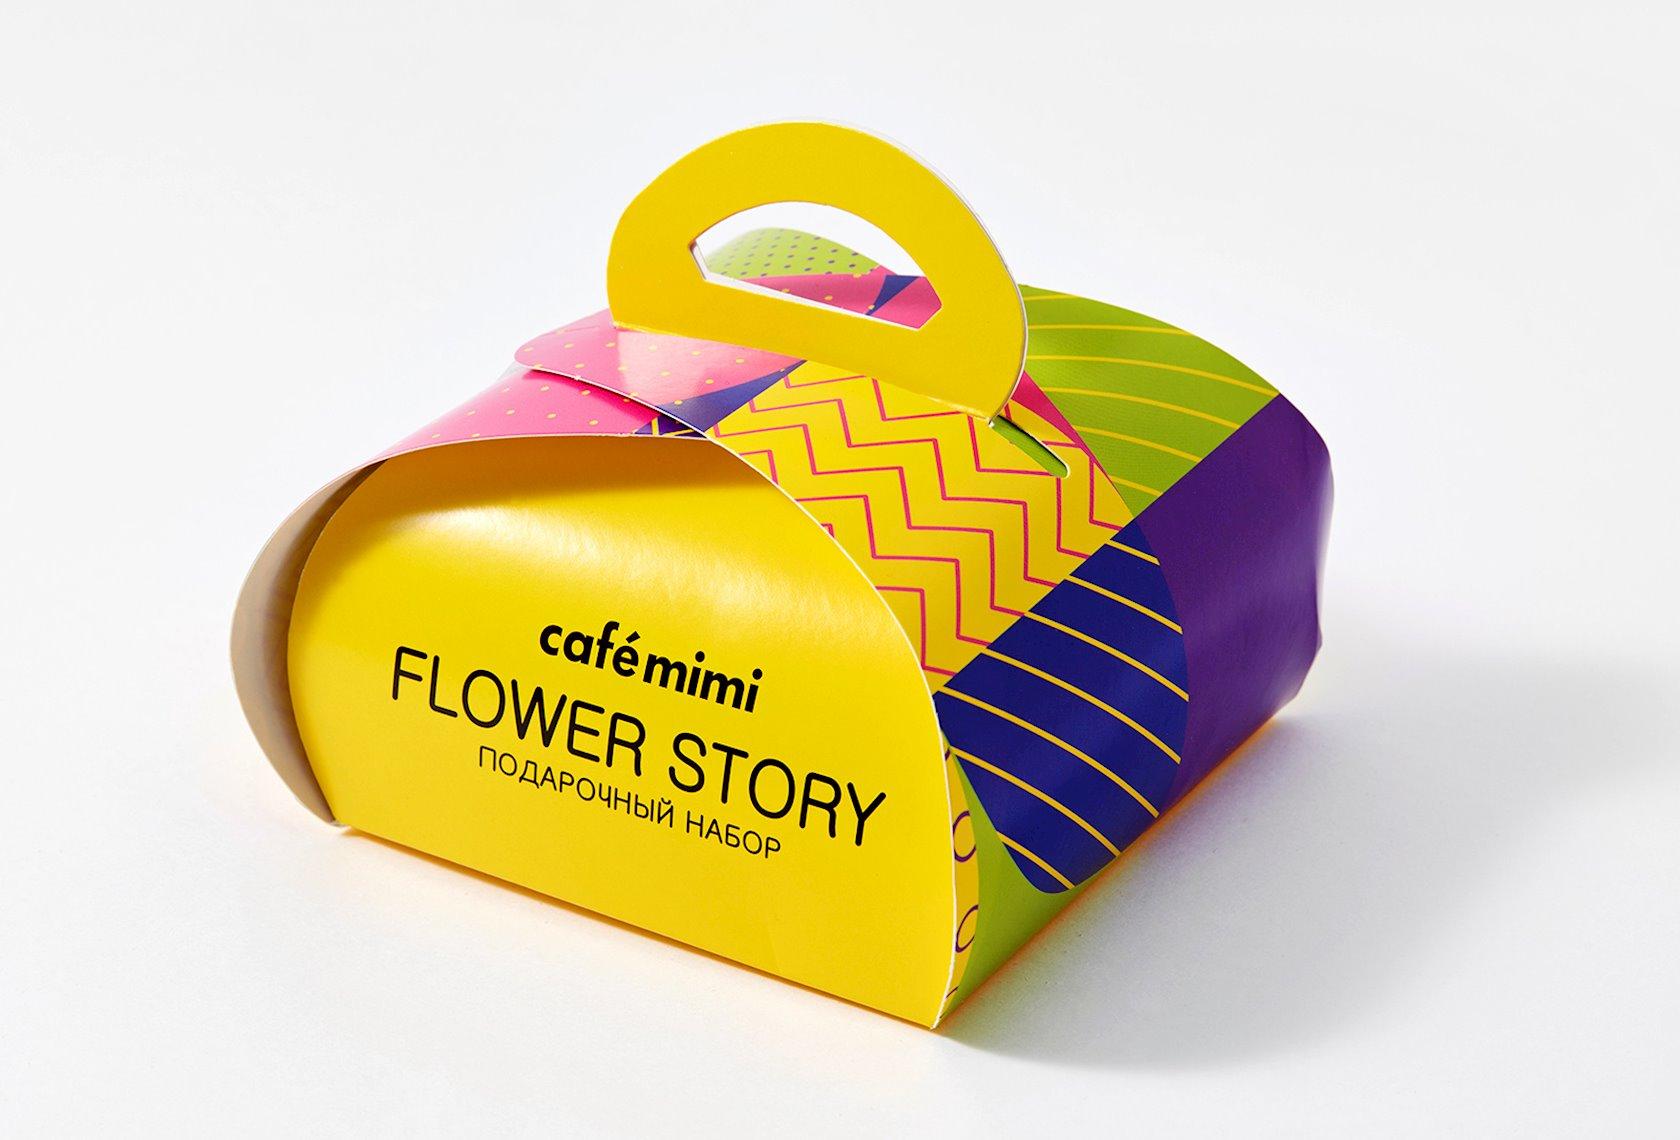 Hədiyyə dəsti Cafe Mimi Flower story Gliserin sabunu 80 q + hamam üçün köpüklənən top 120 q